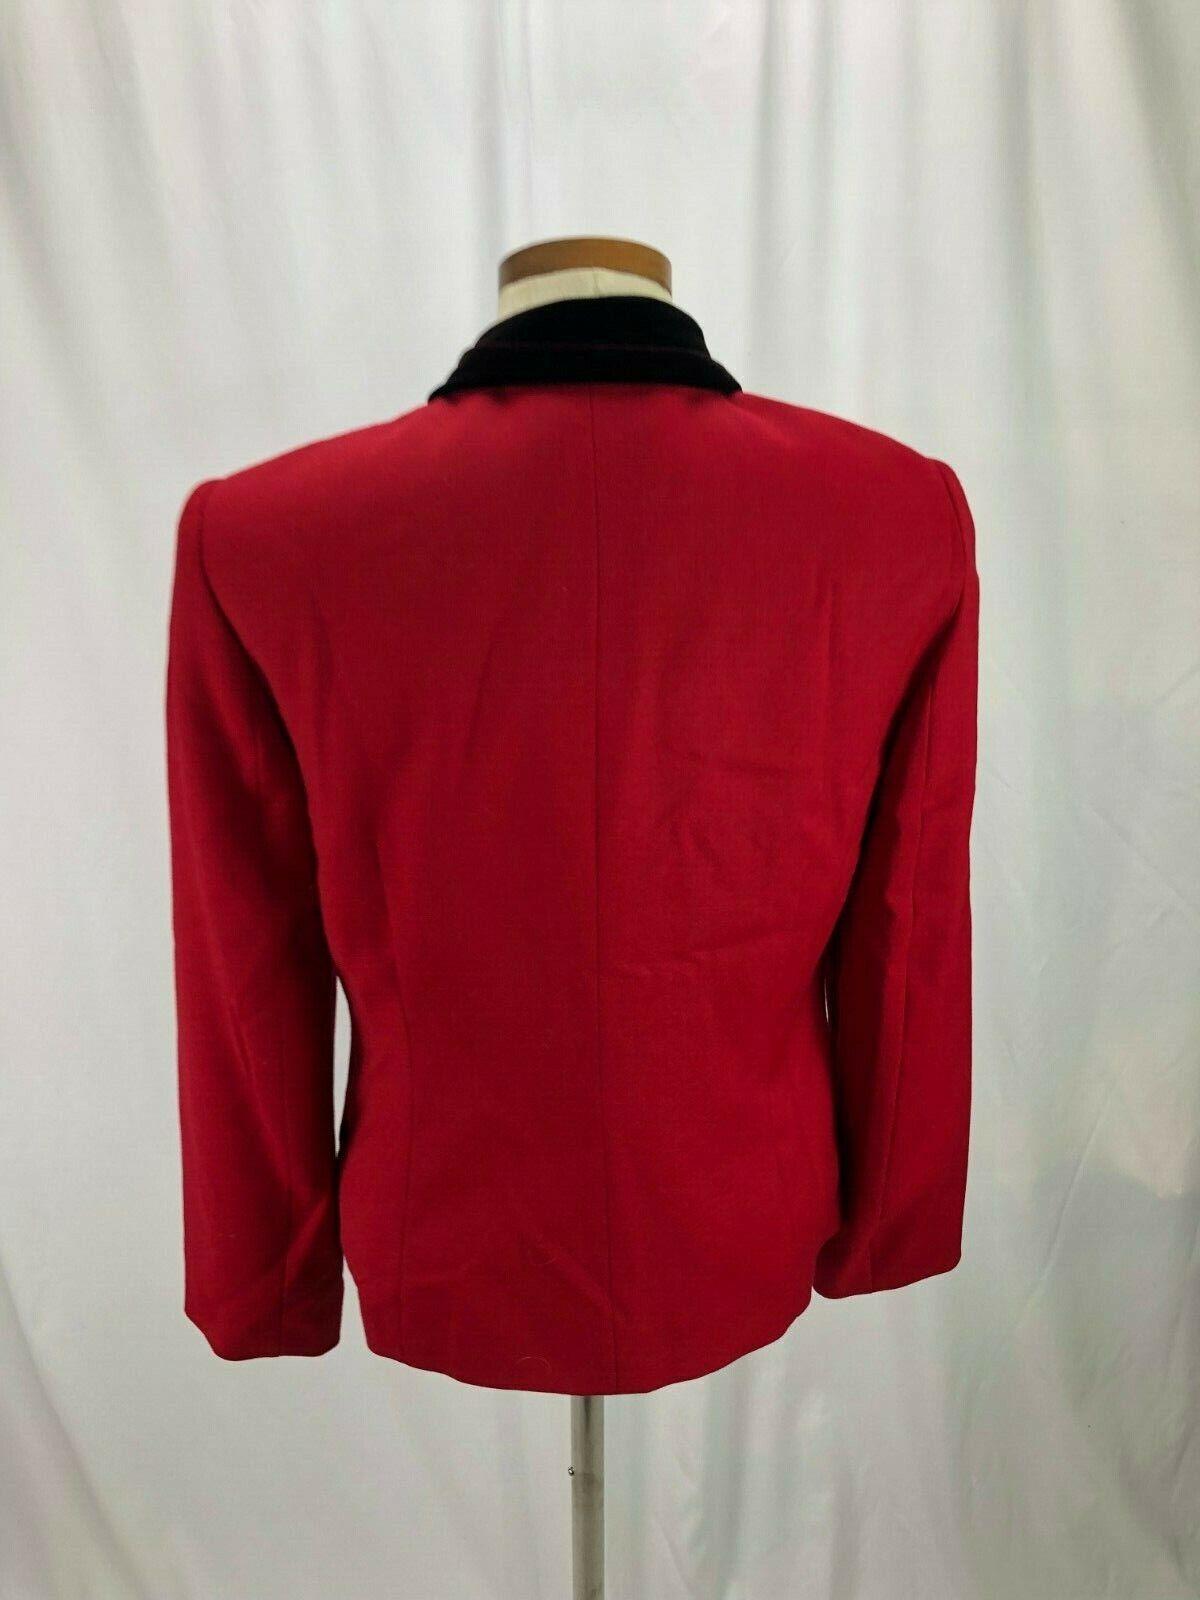 Talbots Women's Red Wool Blazer Velvet Collar 6 - image 4